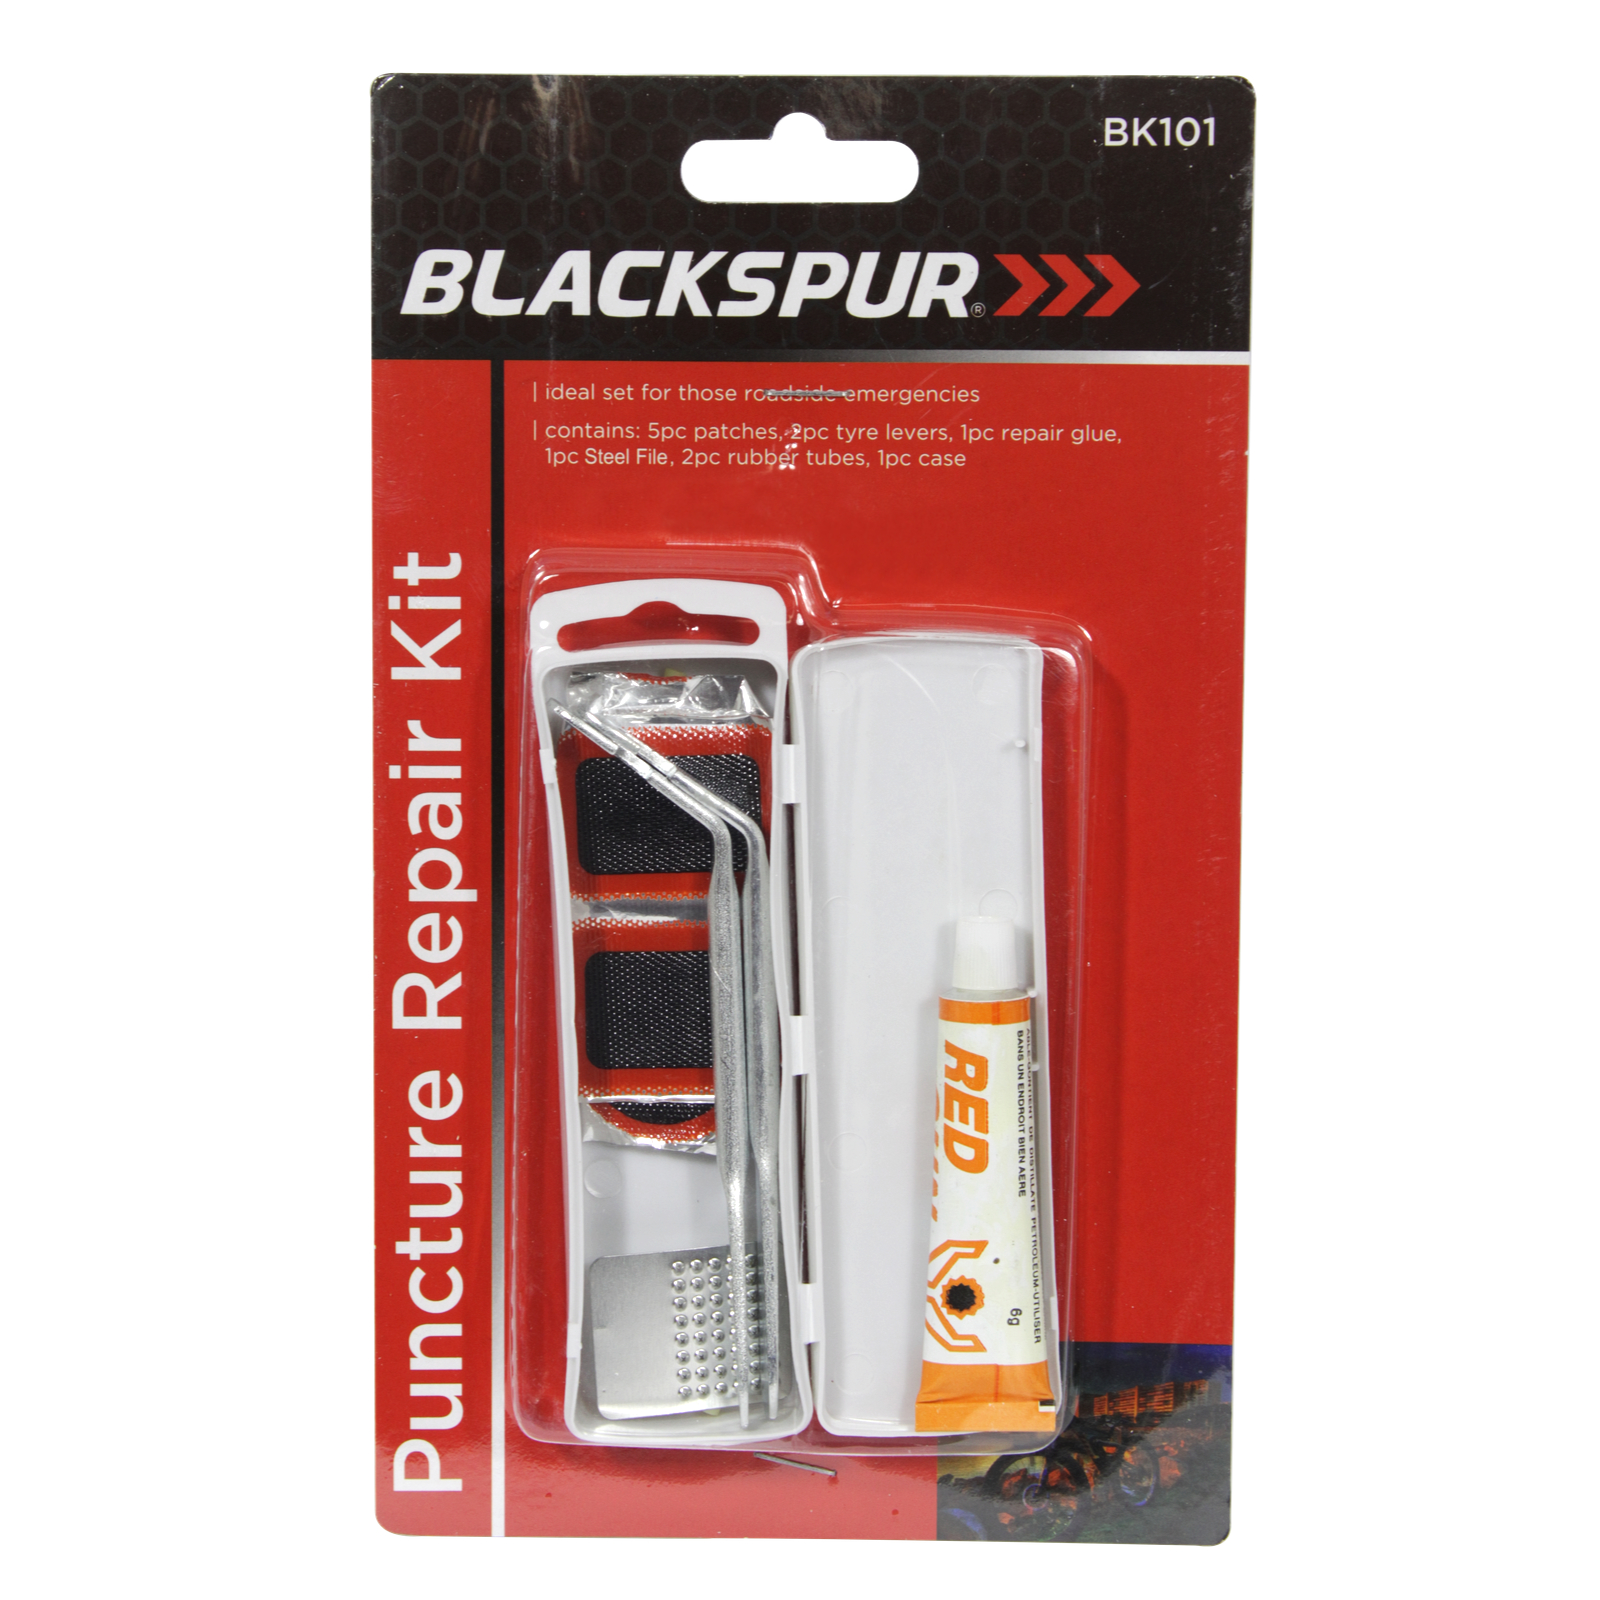 BLACKSPUR BICYCLE REPAIR KIT+SPANNER